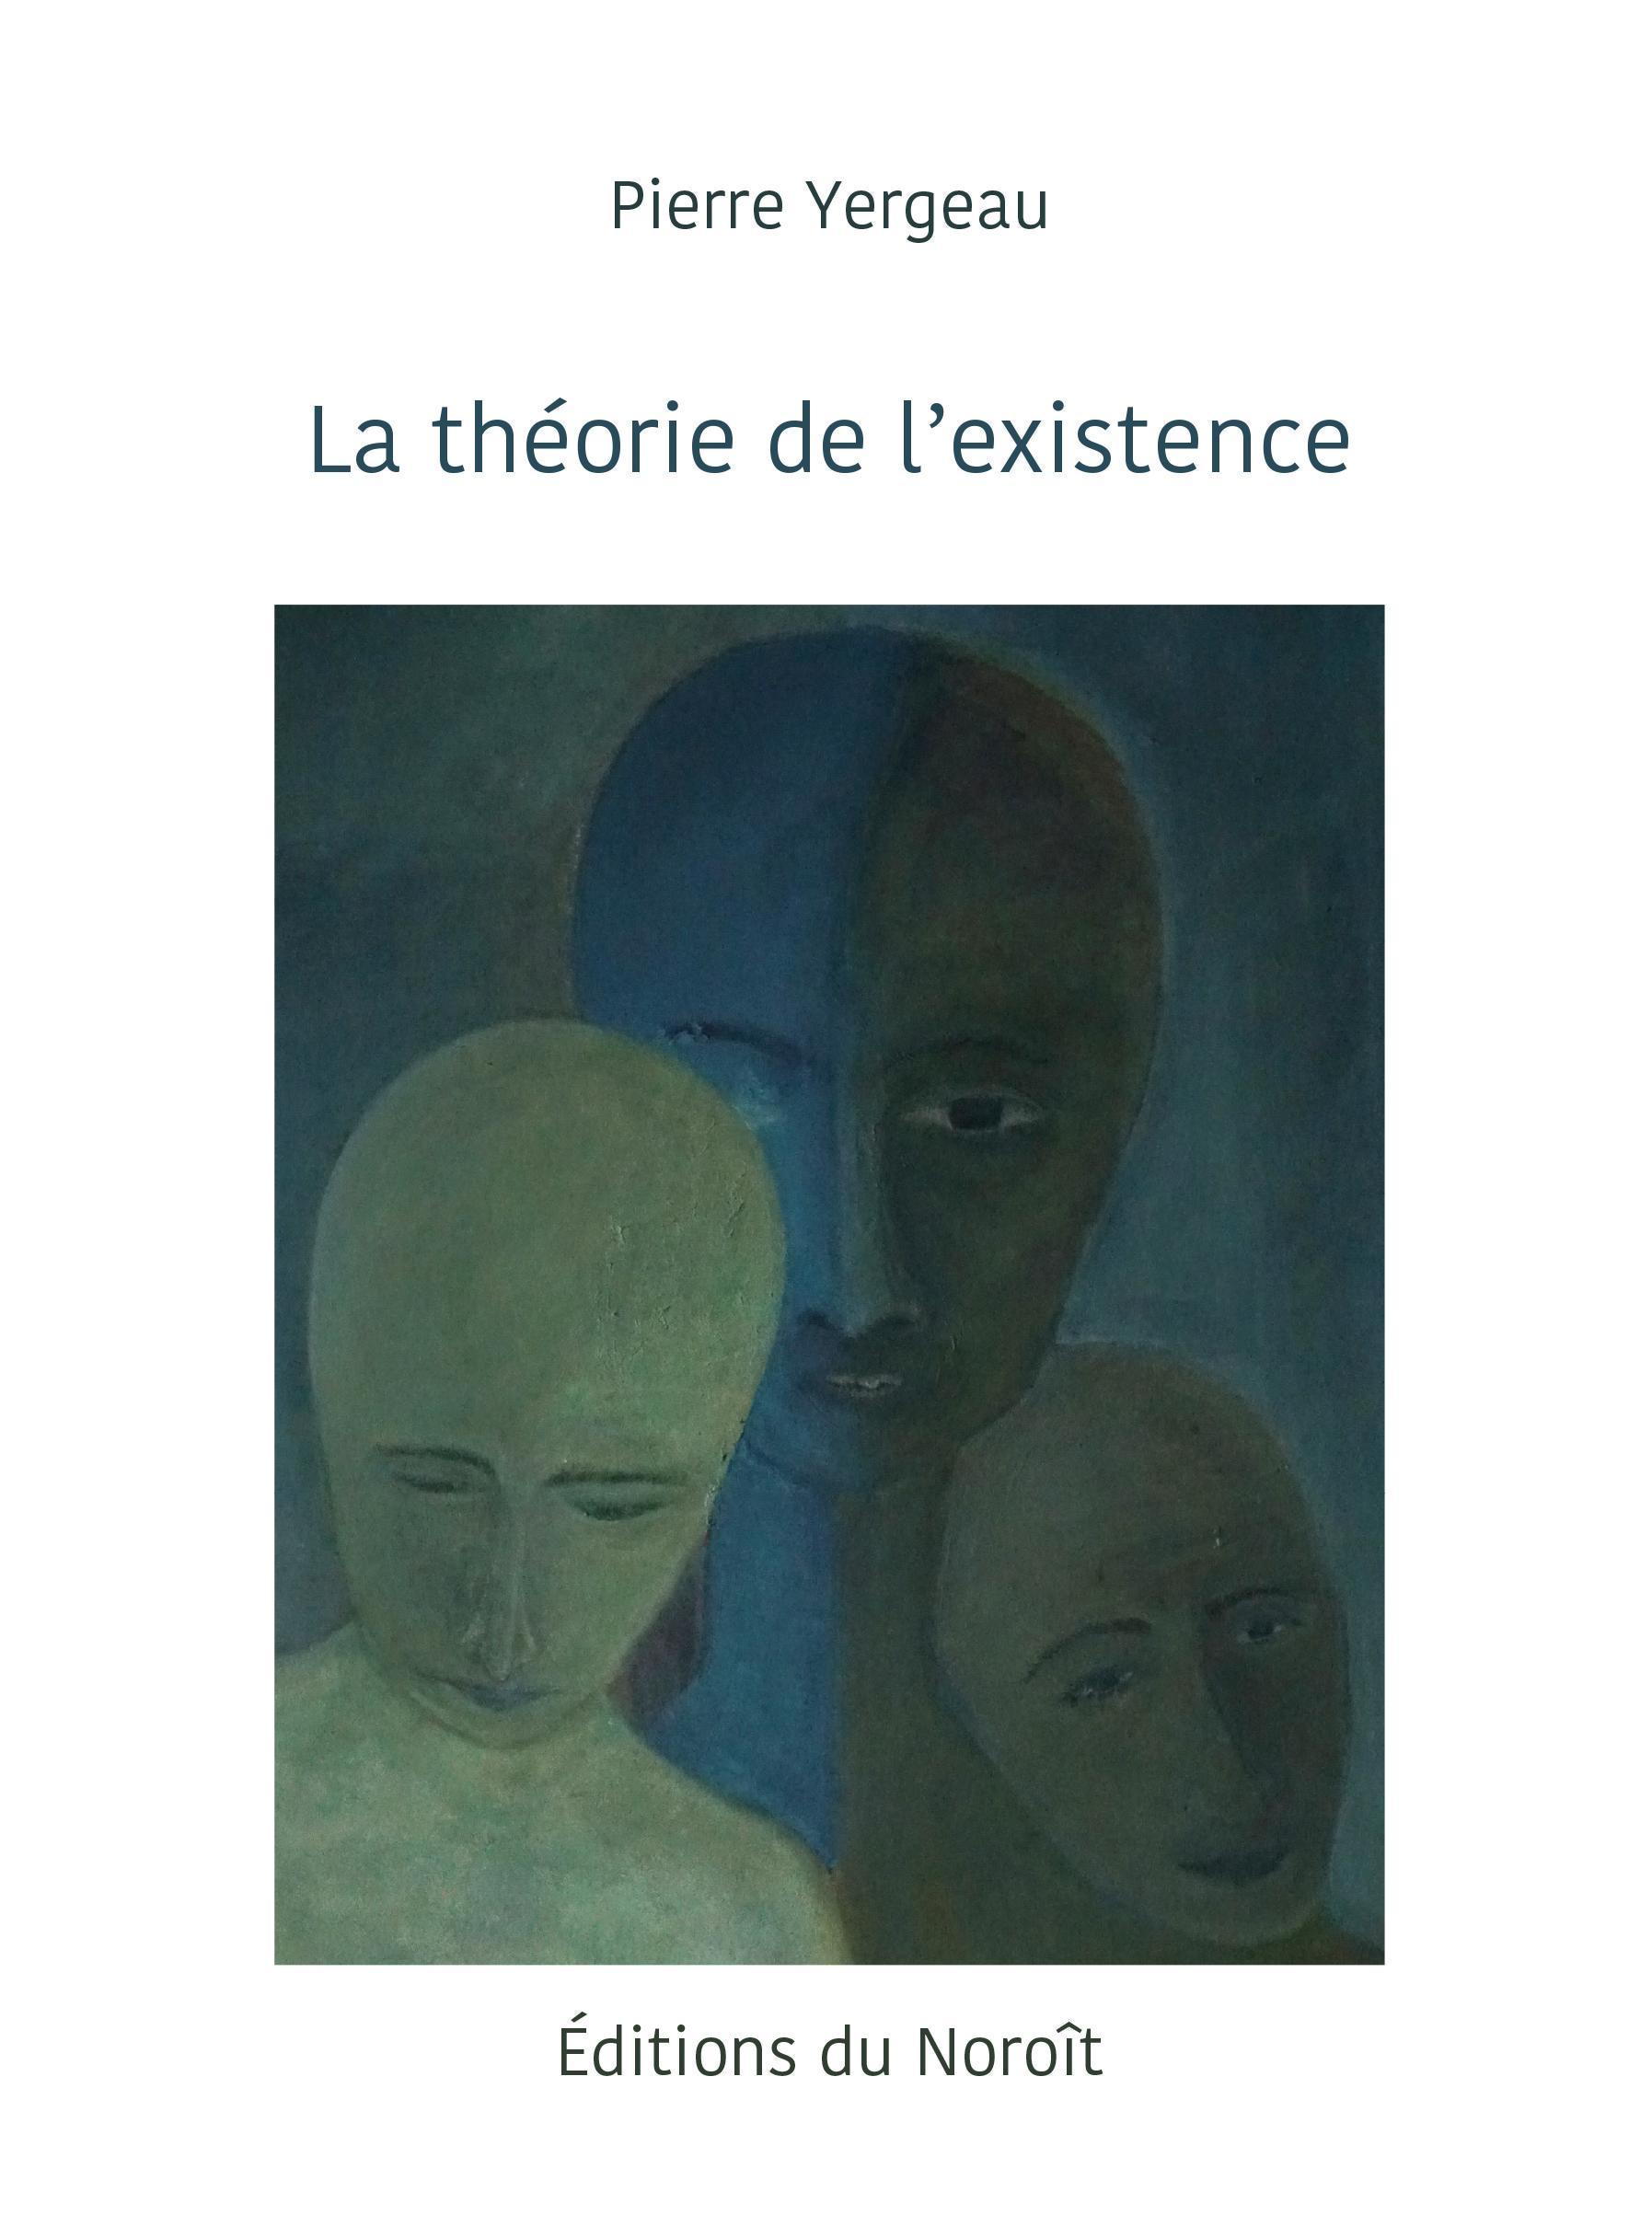 La théorie de l'existence